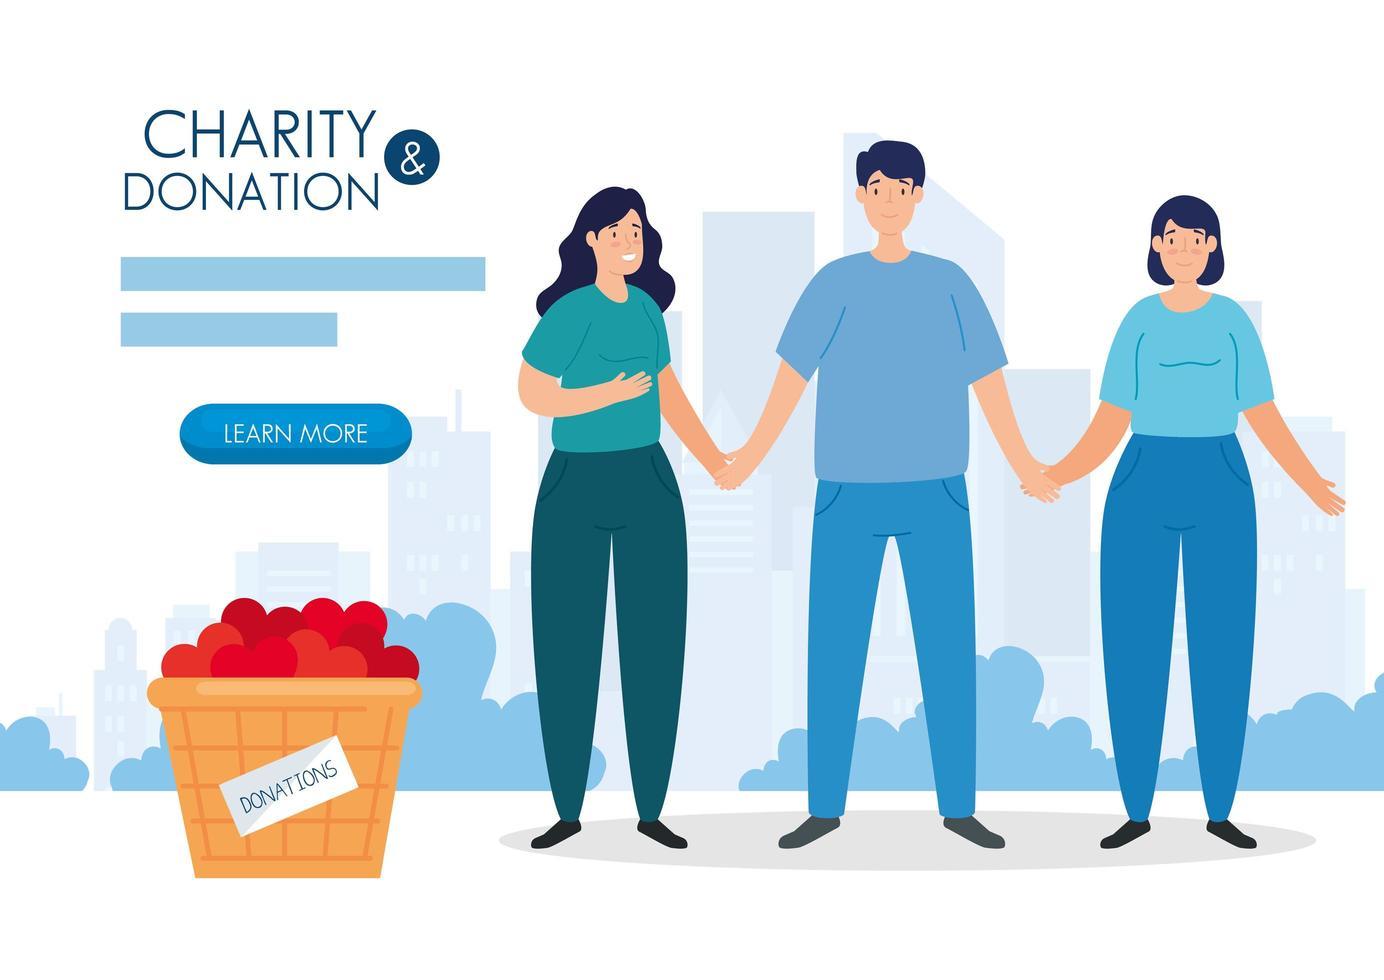 pessoas com cesta para caridade e doação vetor